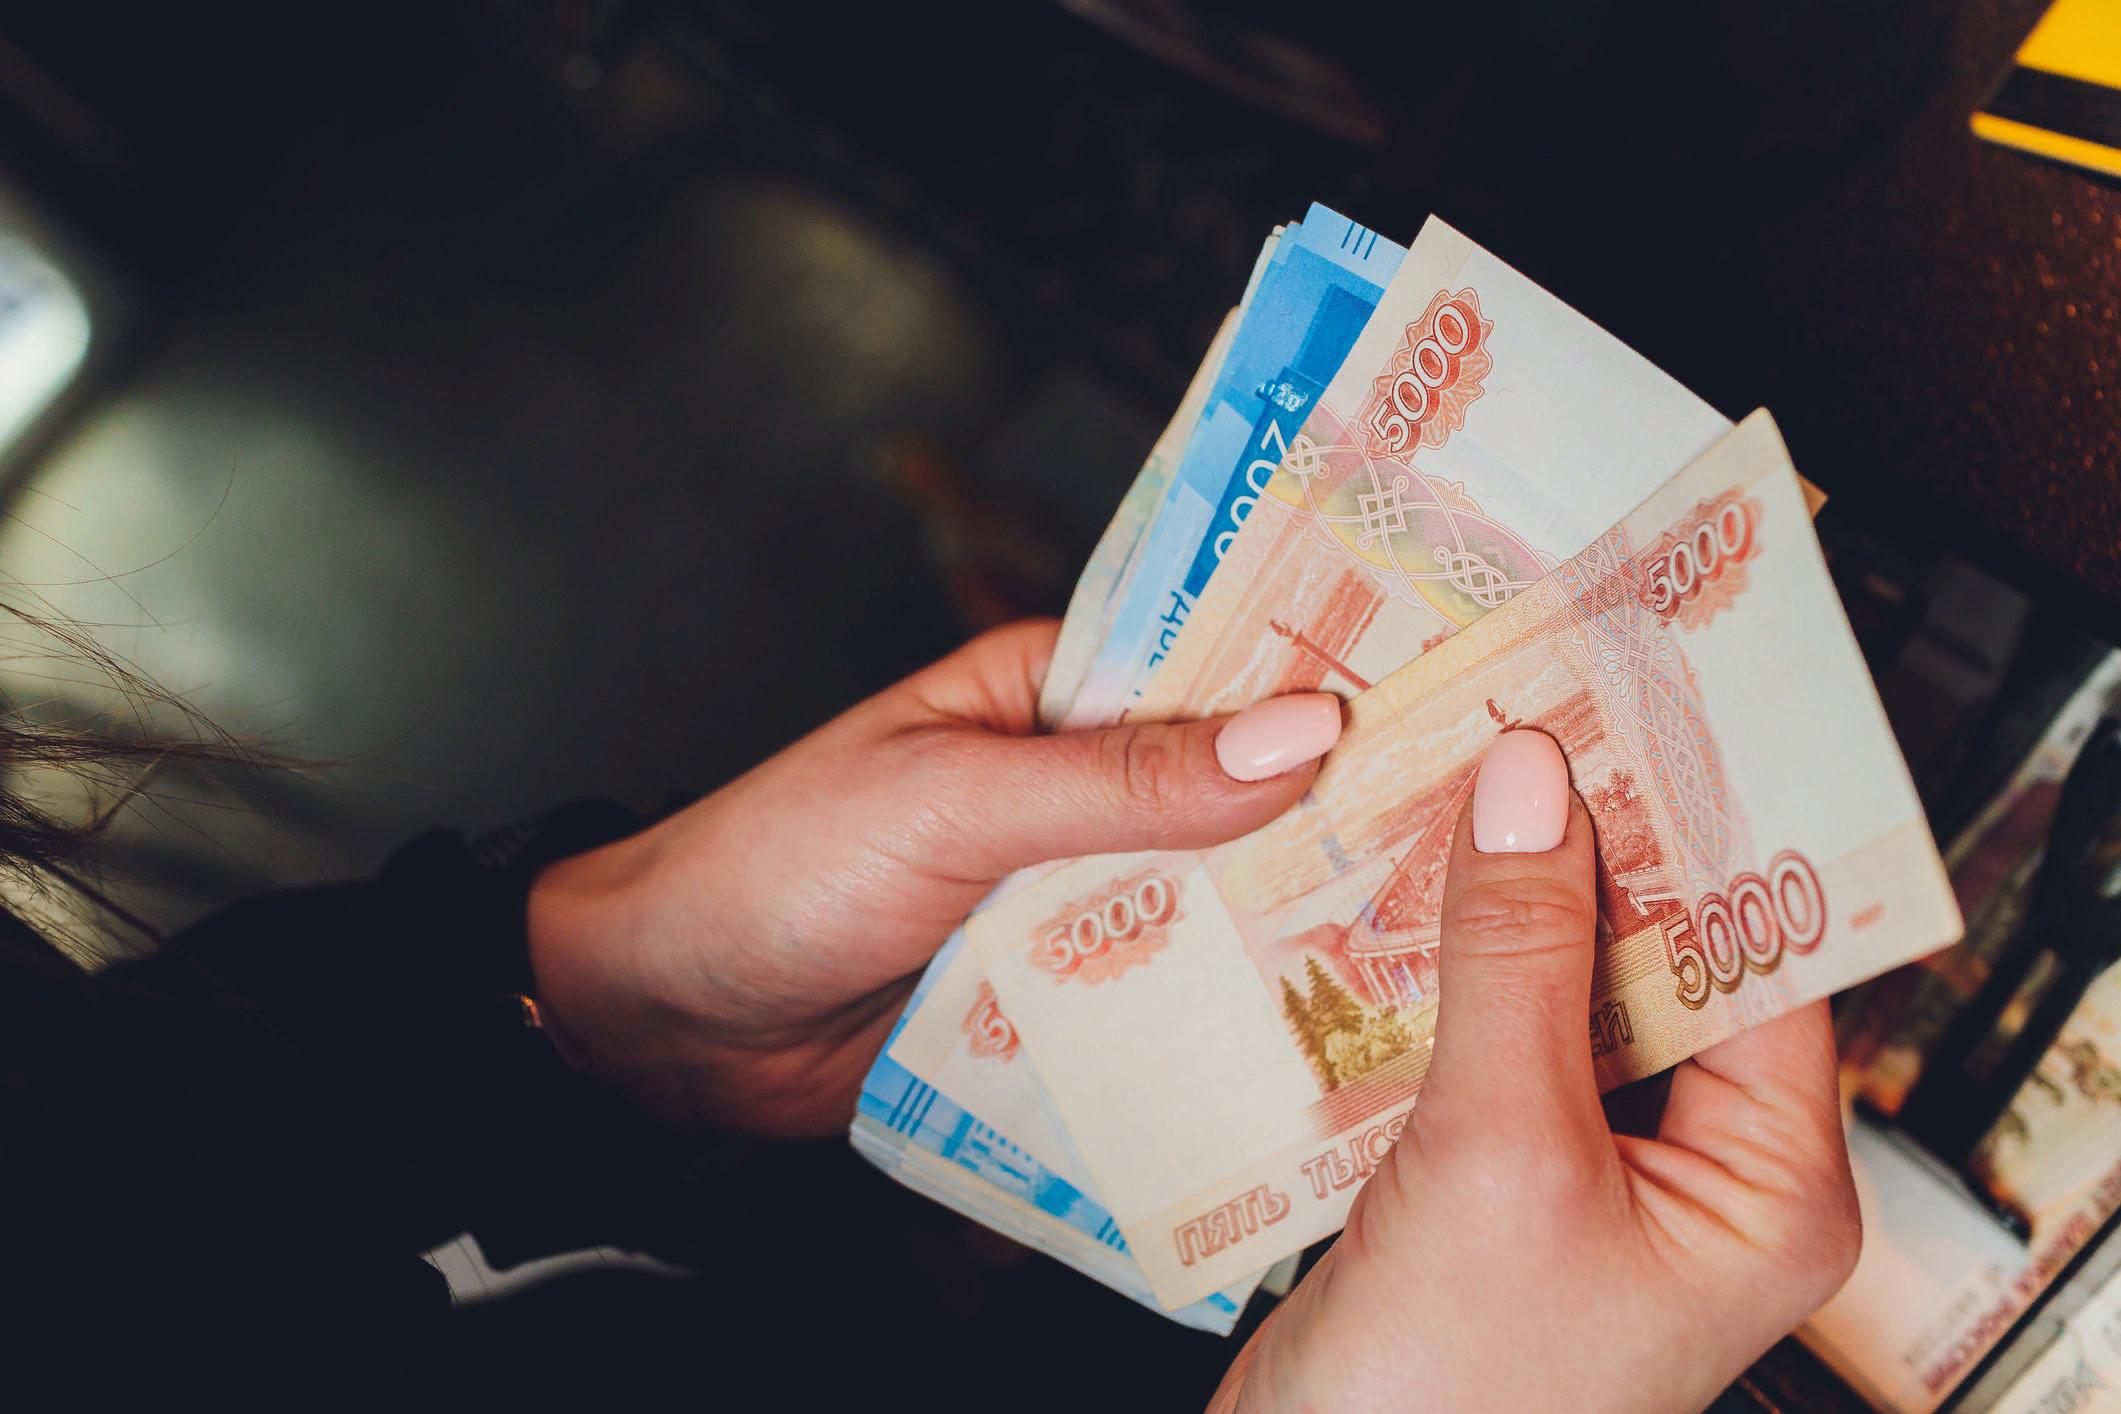 Кабмин одобрил выделение 56,2 млрд руб. на соцвыплаты безработным